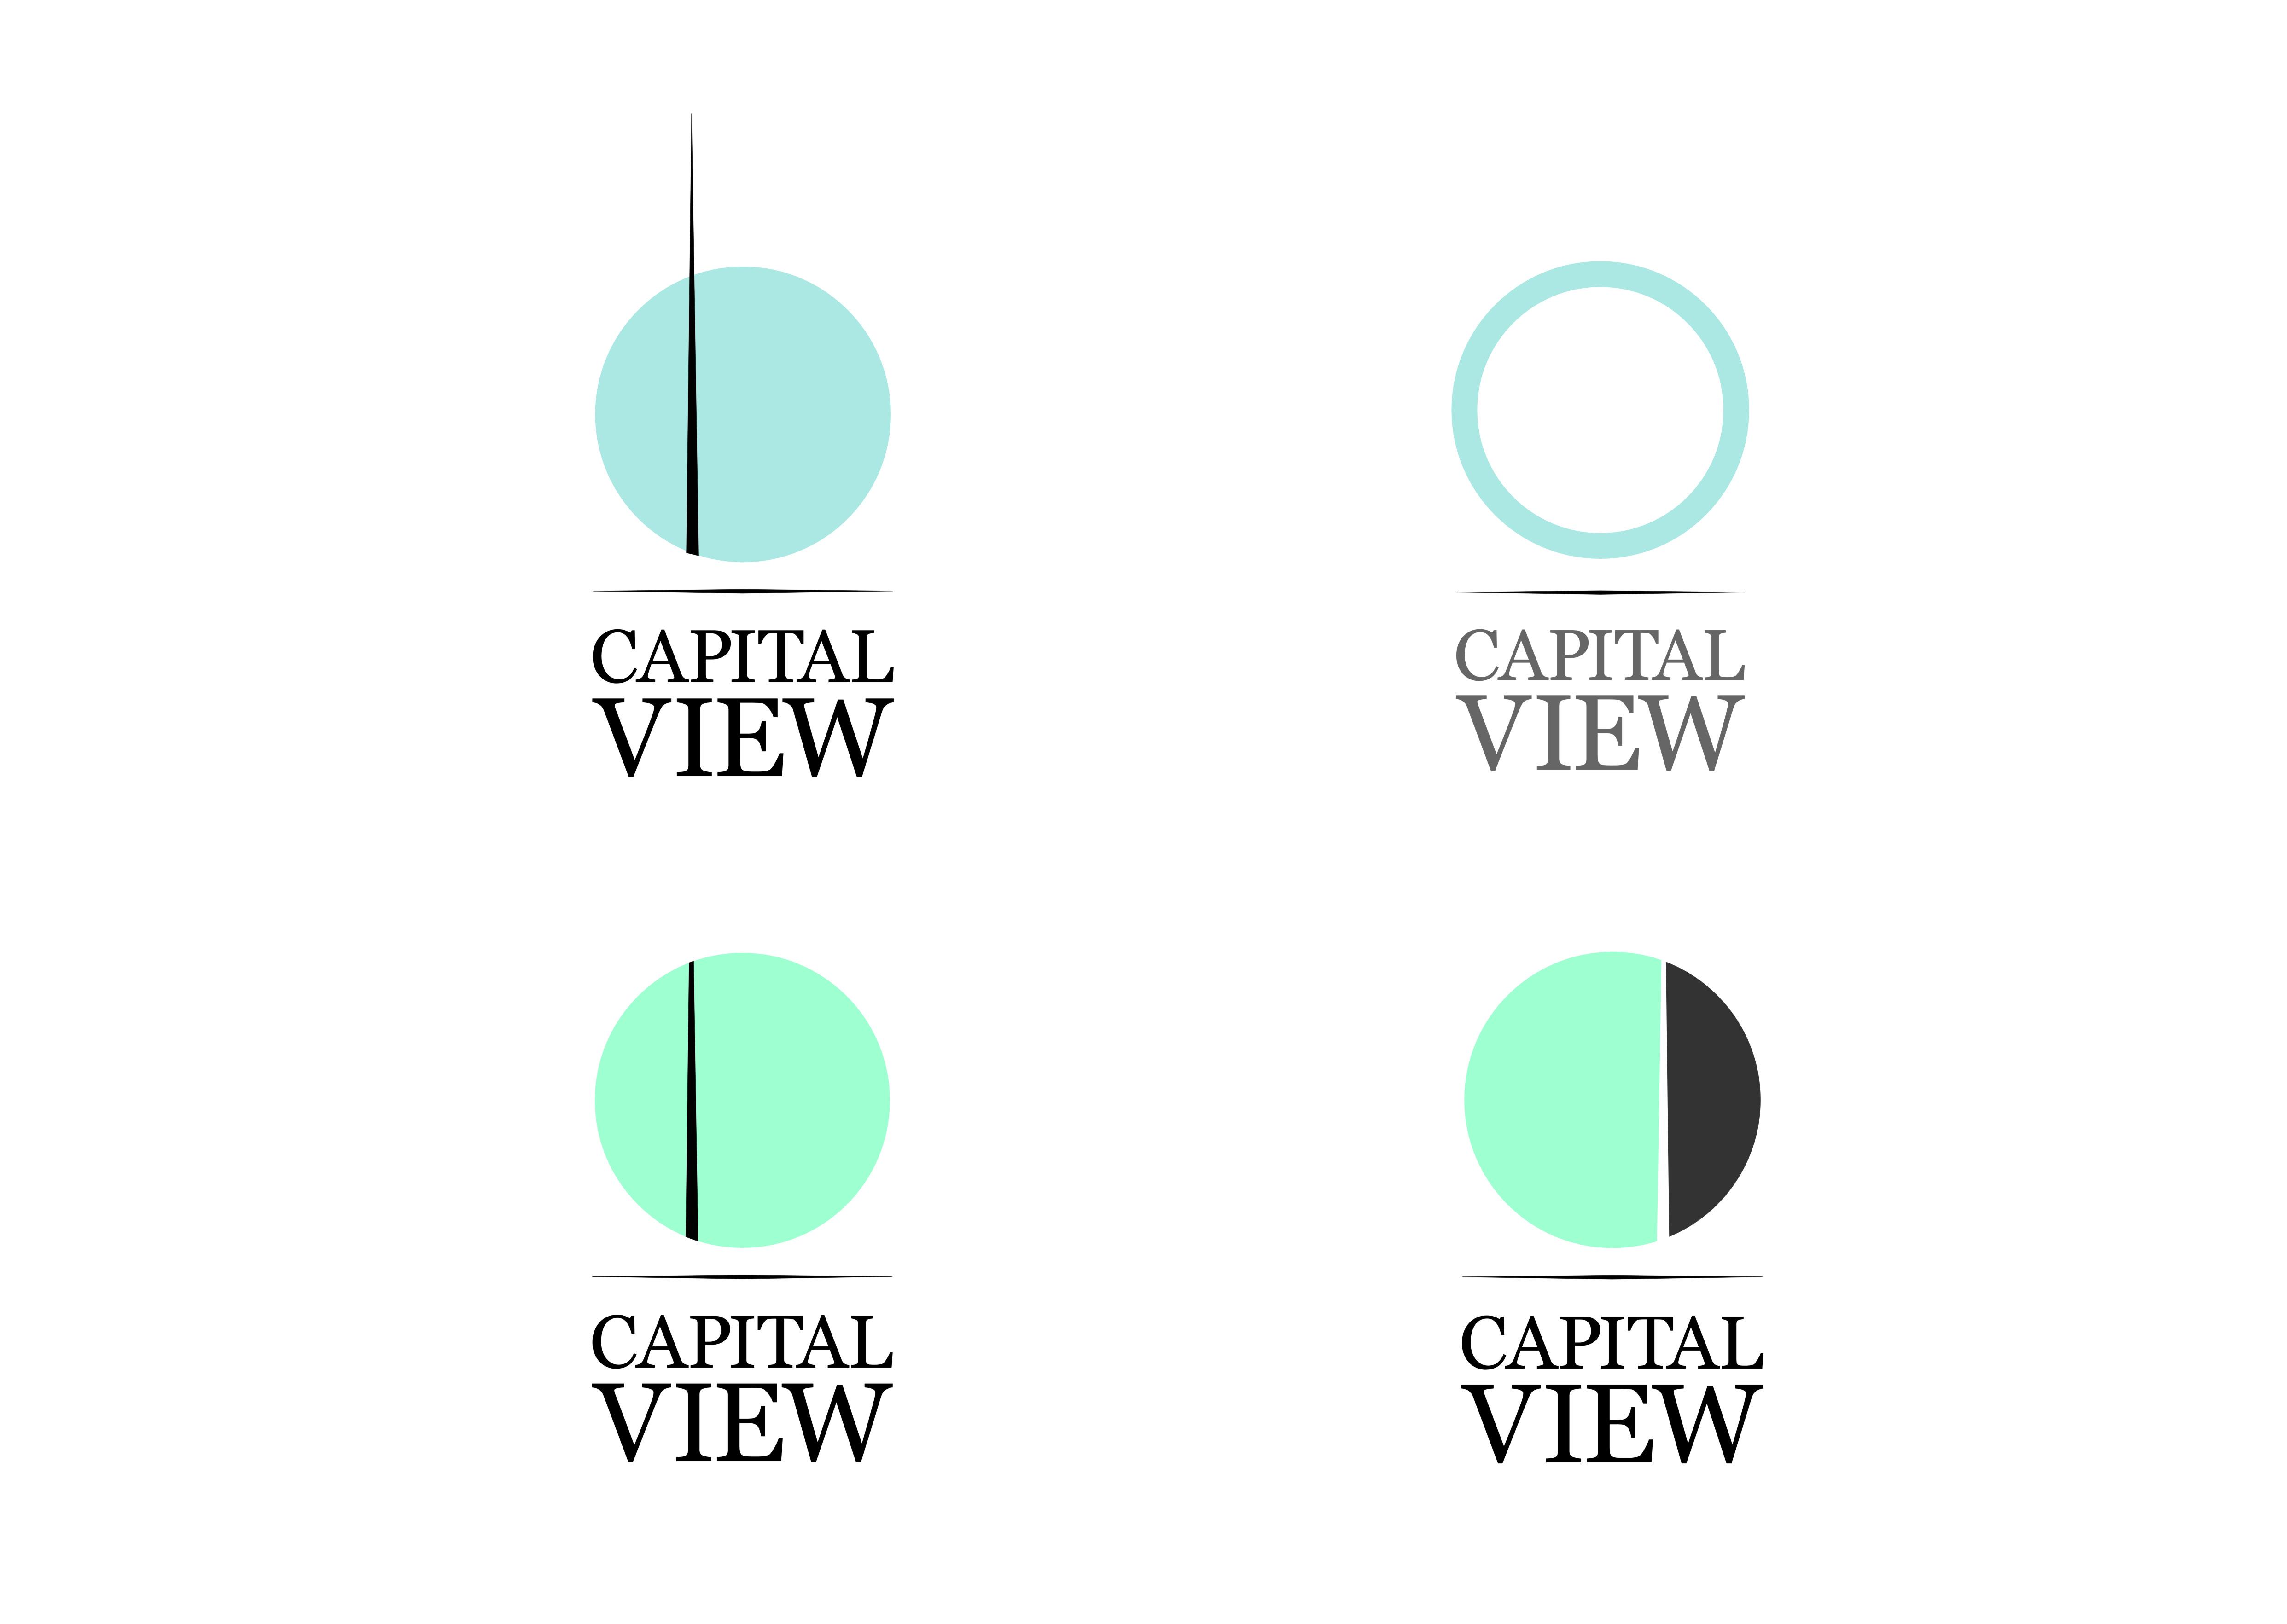 CAPITAL VIEW фото f_4fda09b9d6d3c.jpg